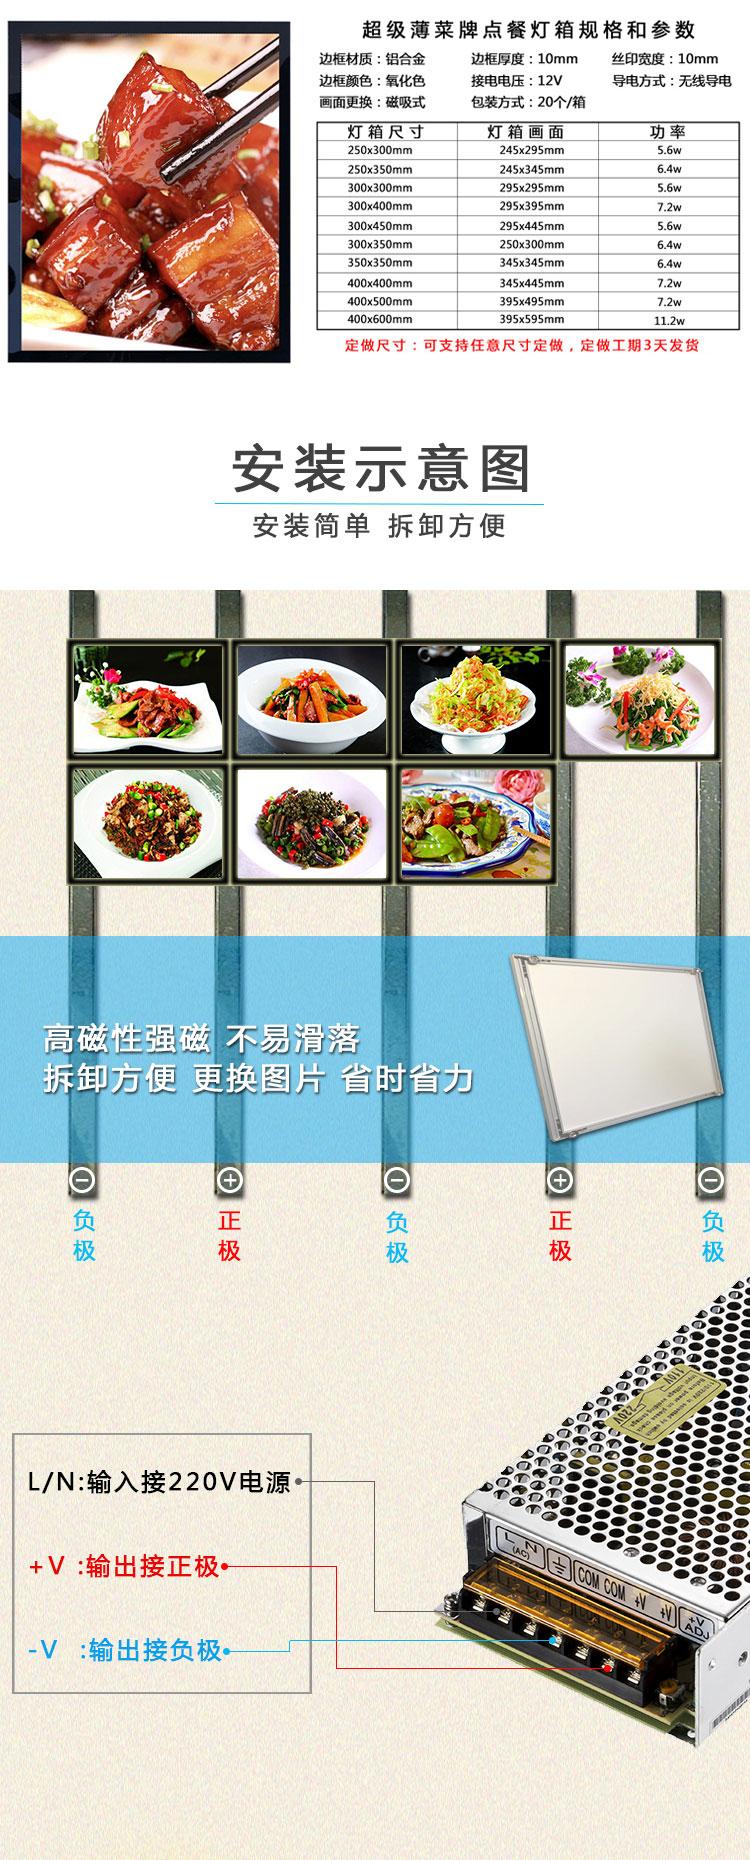 超级薄无线磁吸菜牌食谱灯箱点菜灯箱酒店点餐灯箱价目表定製详细照片